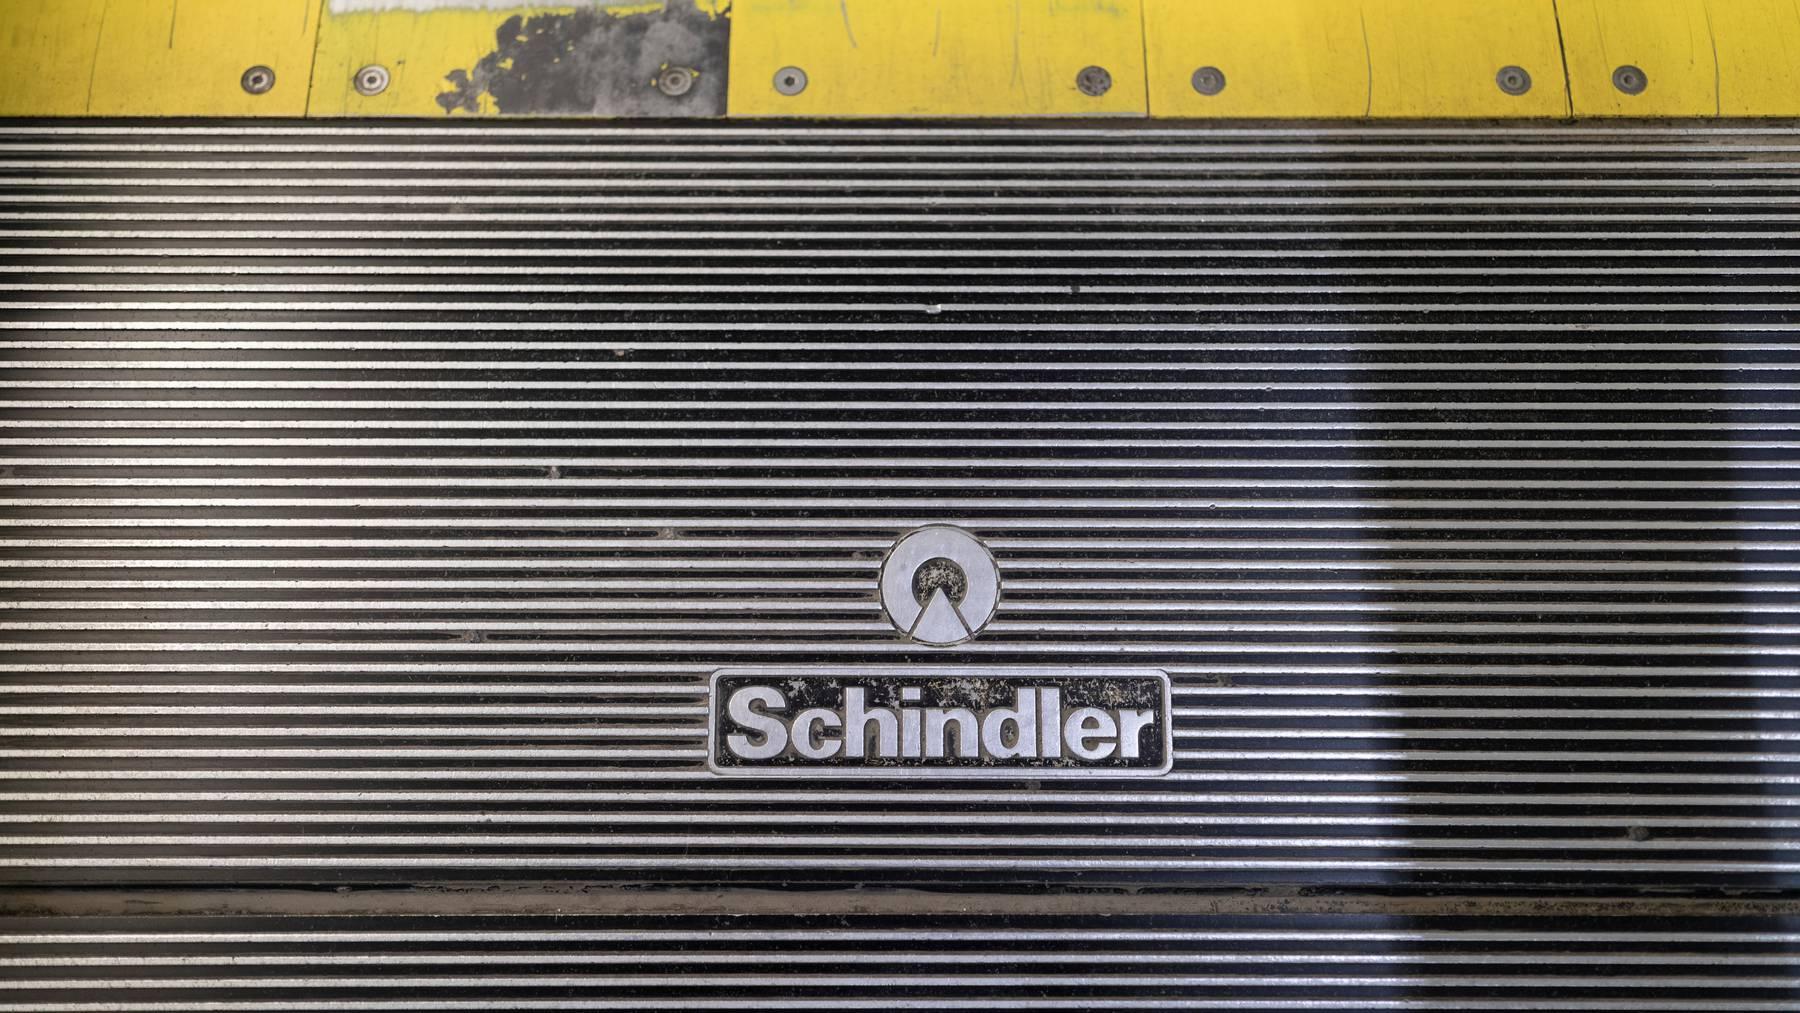 Schindler hat 2019 mehr Aufträge erhalten, aber dennoch weniger Gewinn gemacht.